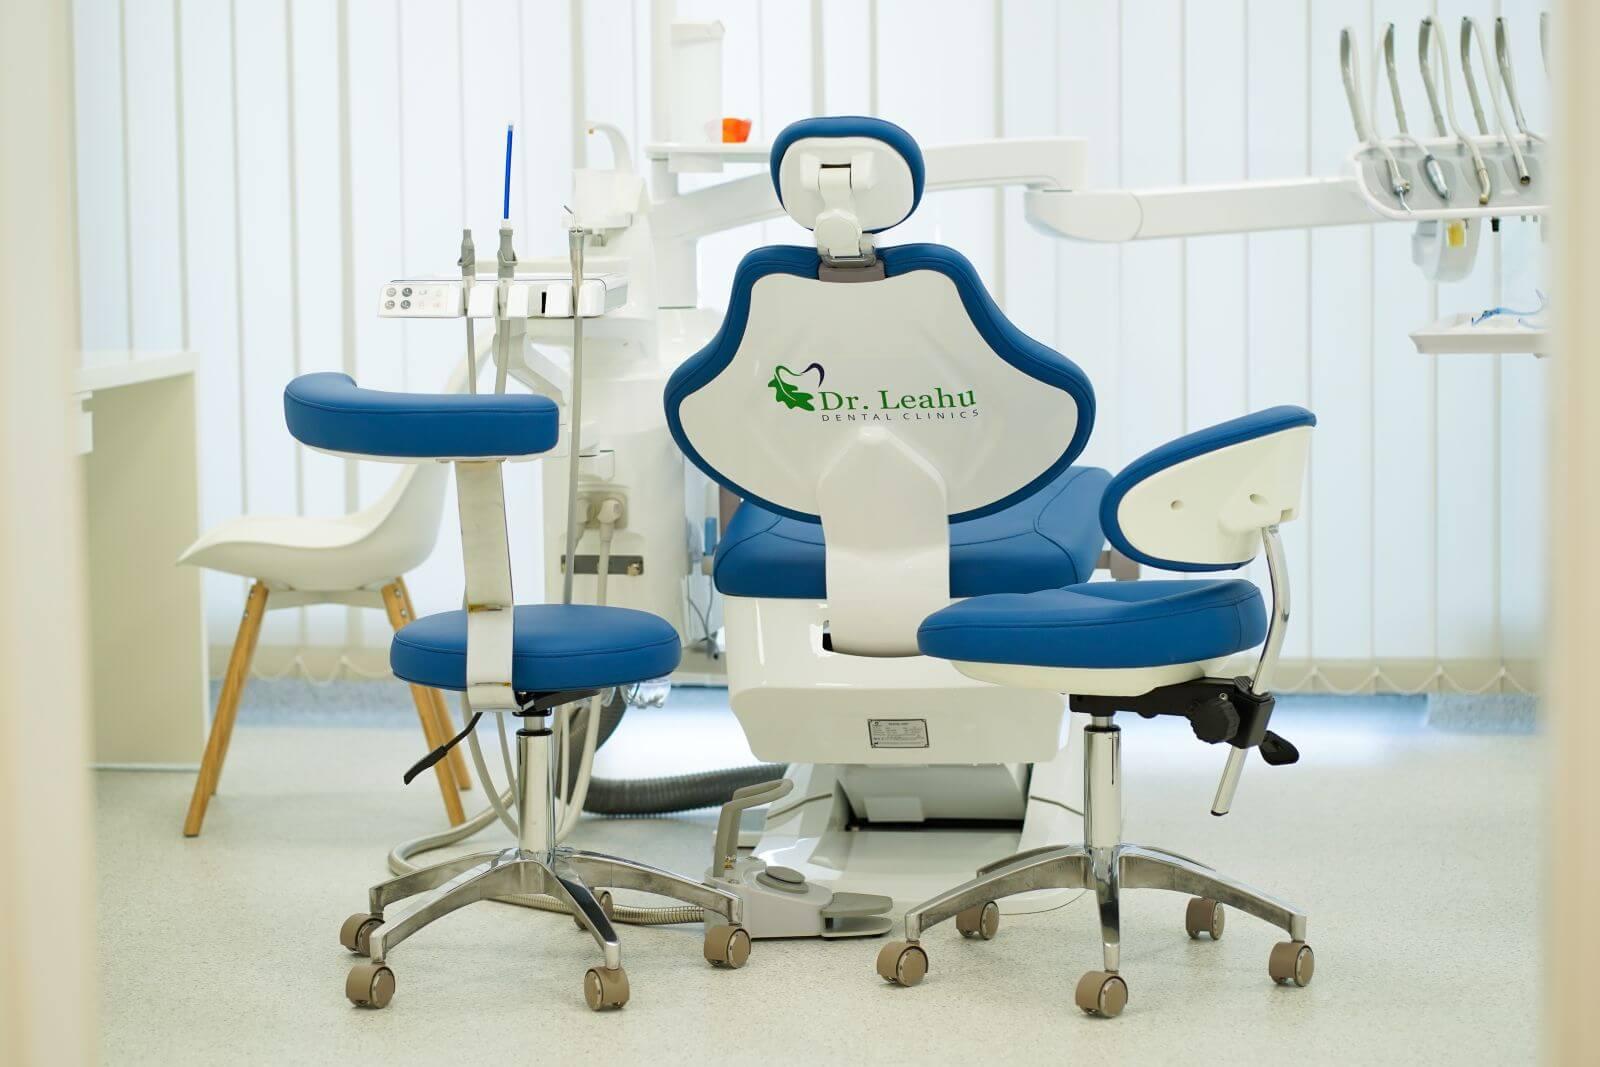 Scaun stomatologic albastru din Clinica stomatologica Dr Leahu Galați